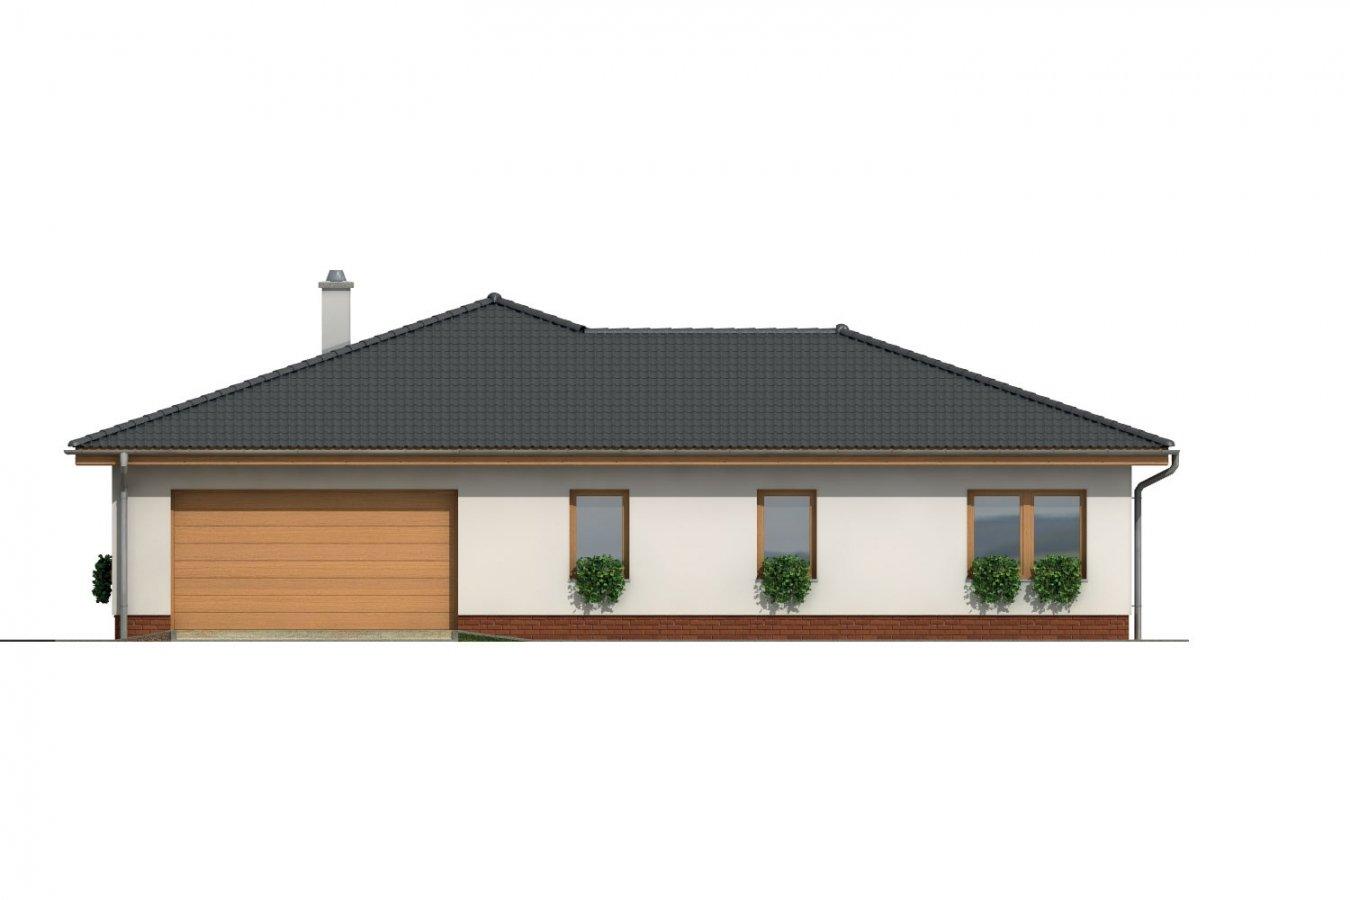 Pohľad 3. - Veľkopriestorový rodinný dom do L s dvojgarážou a krytou terasou.